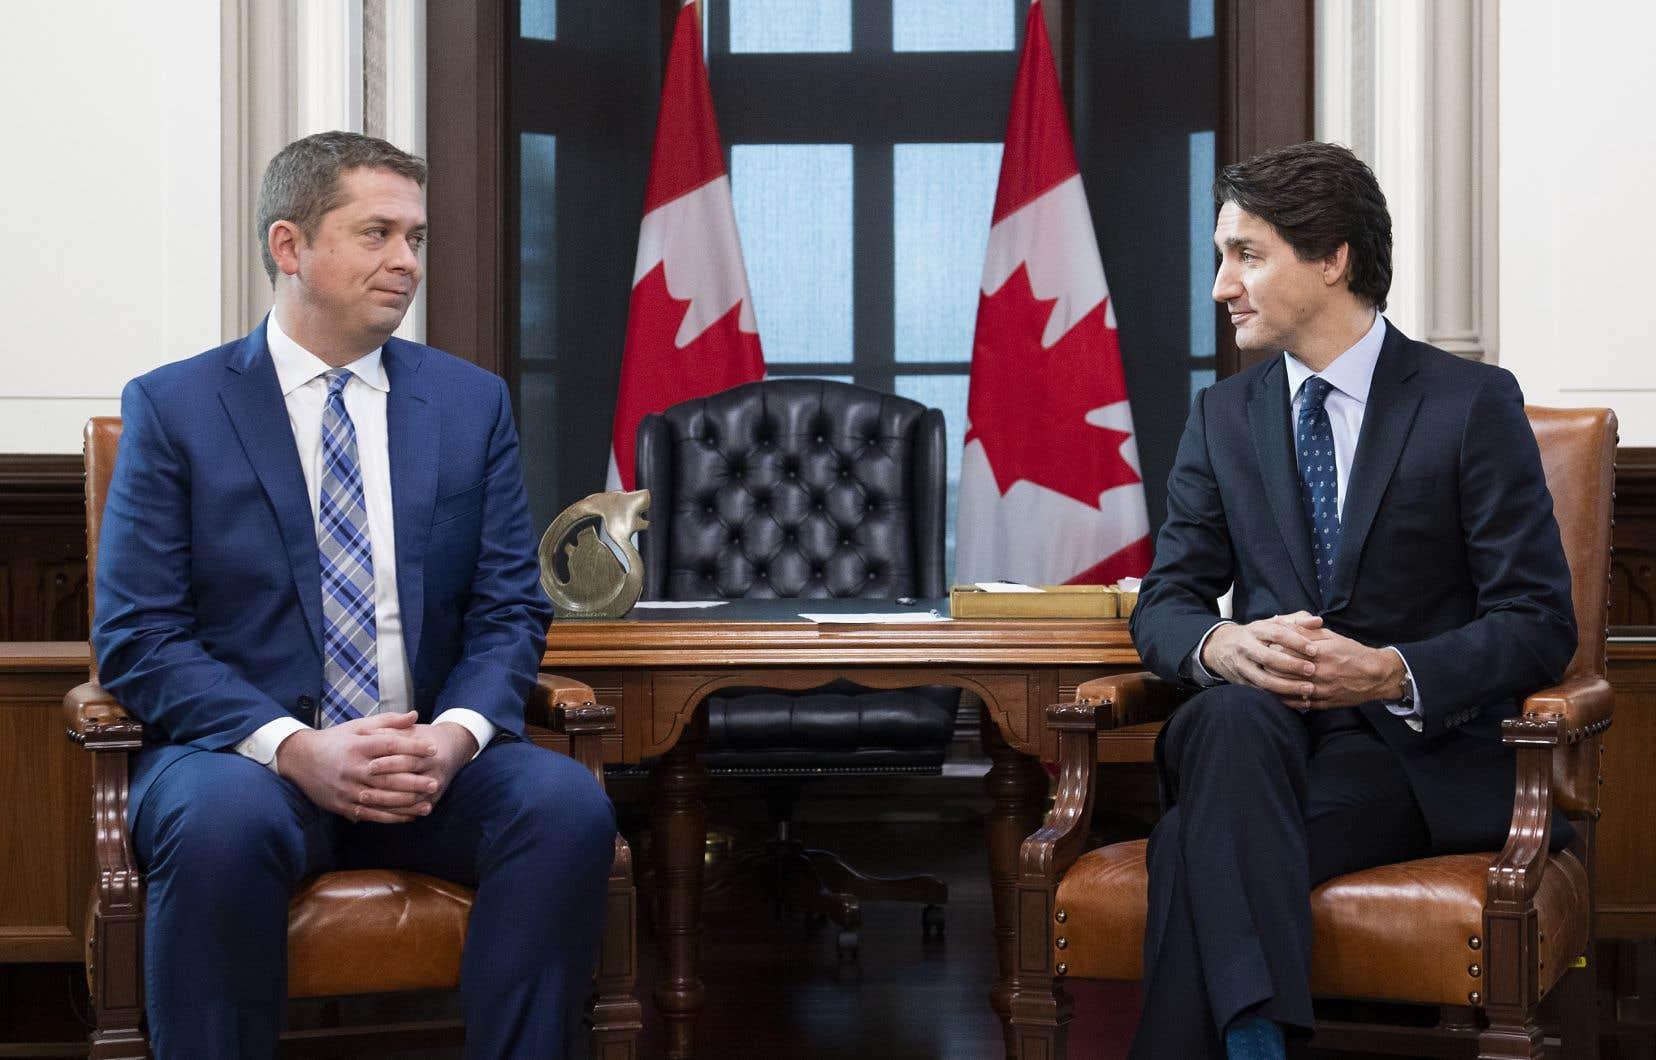 Le chef conservateur, Andrew Scheer, a hâte d'en découdre avec le chef libéral, Justin Trudeau, à la Chambre des communes, mais le premier ministre a arrêté la date pour la reprise des travaux parlementaires et le chef de l'opposition devra donc patienter jusqu'au 5décembre pour croiser le fer avec son adversaire.